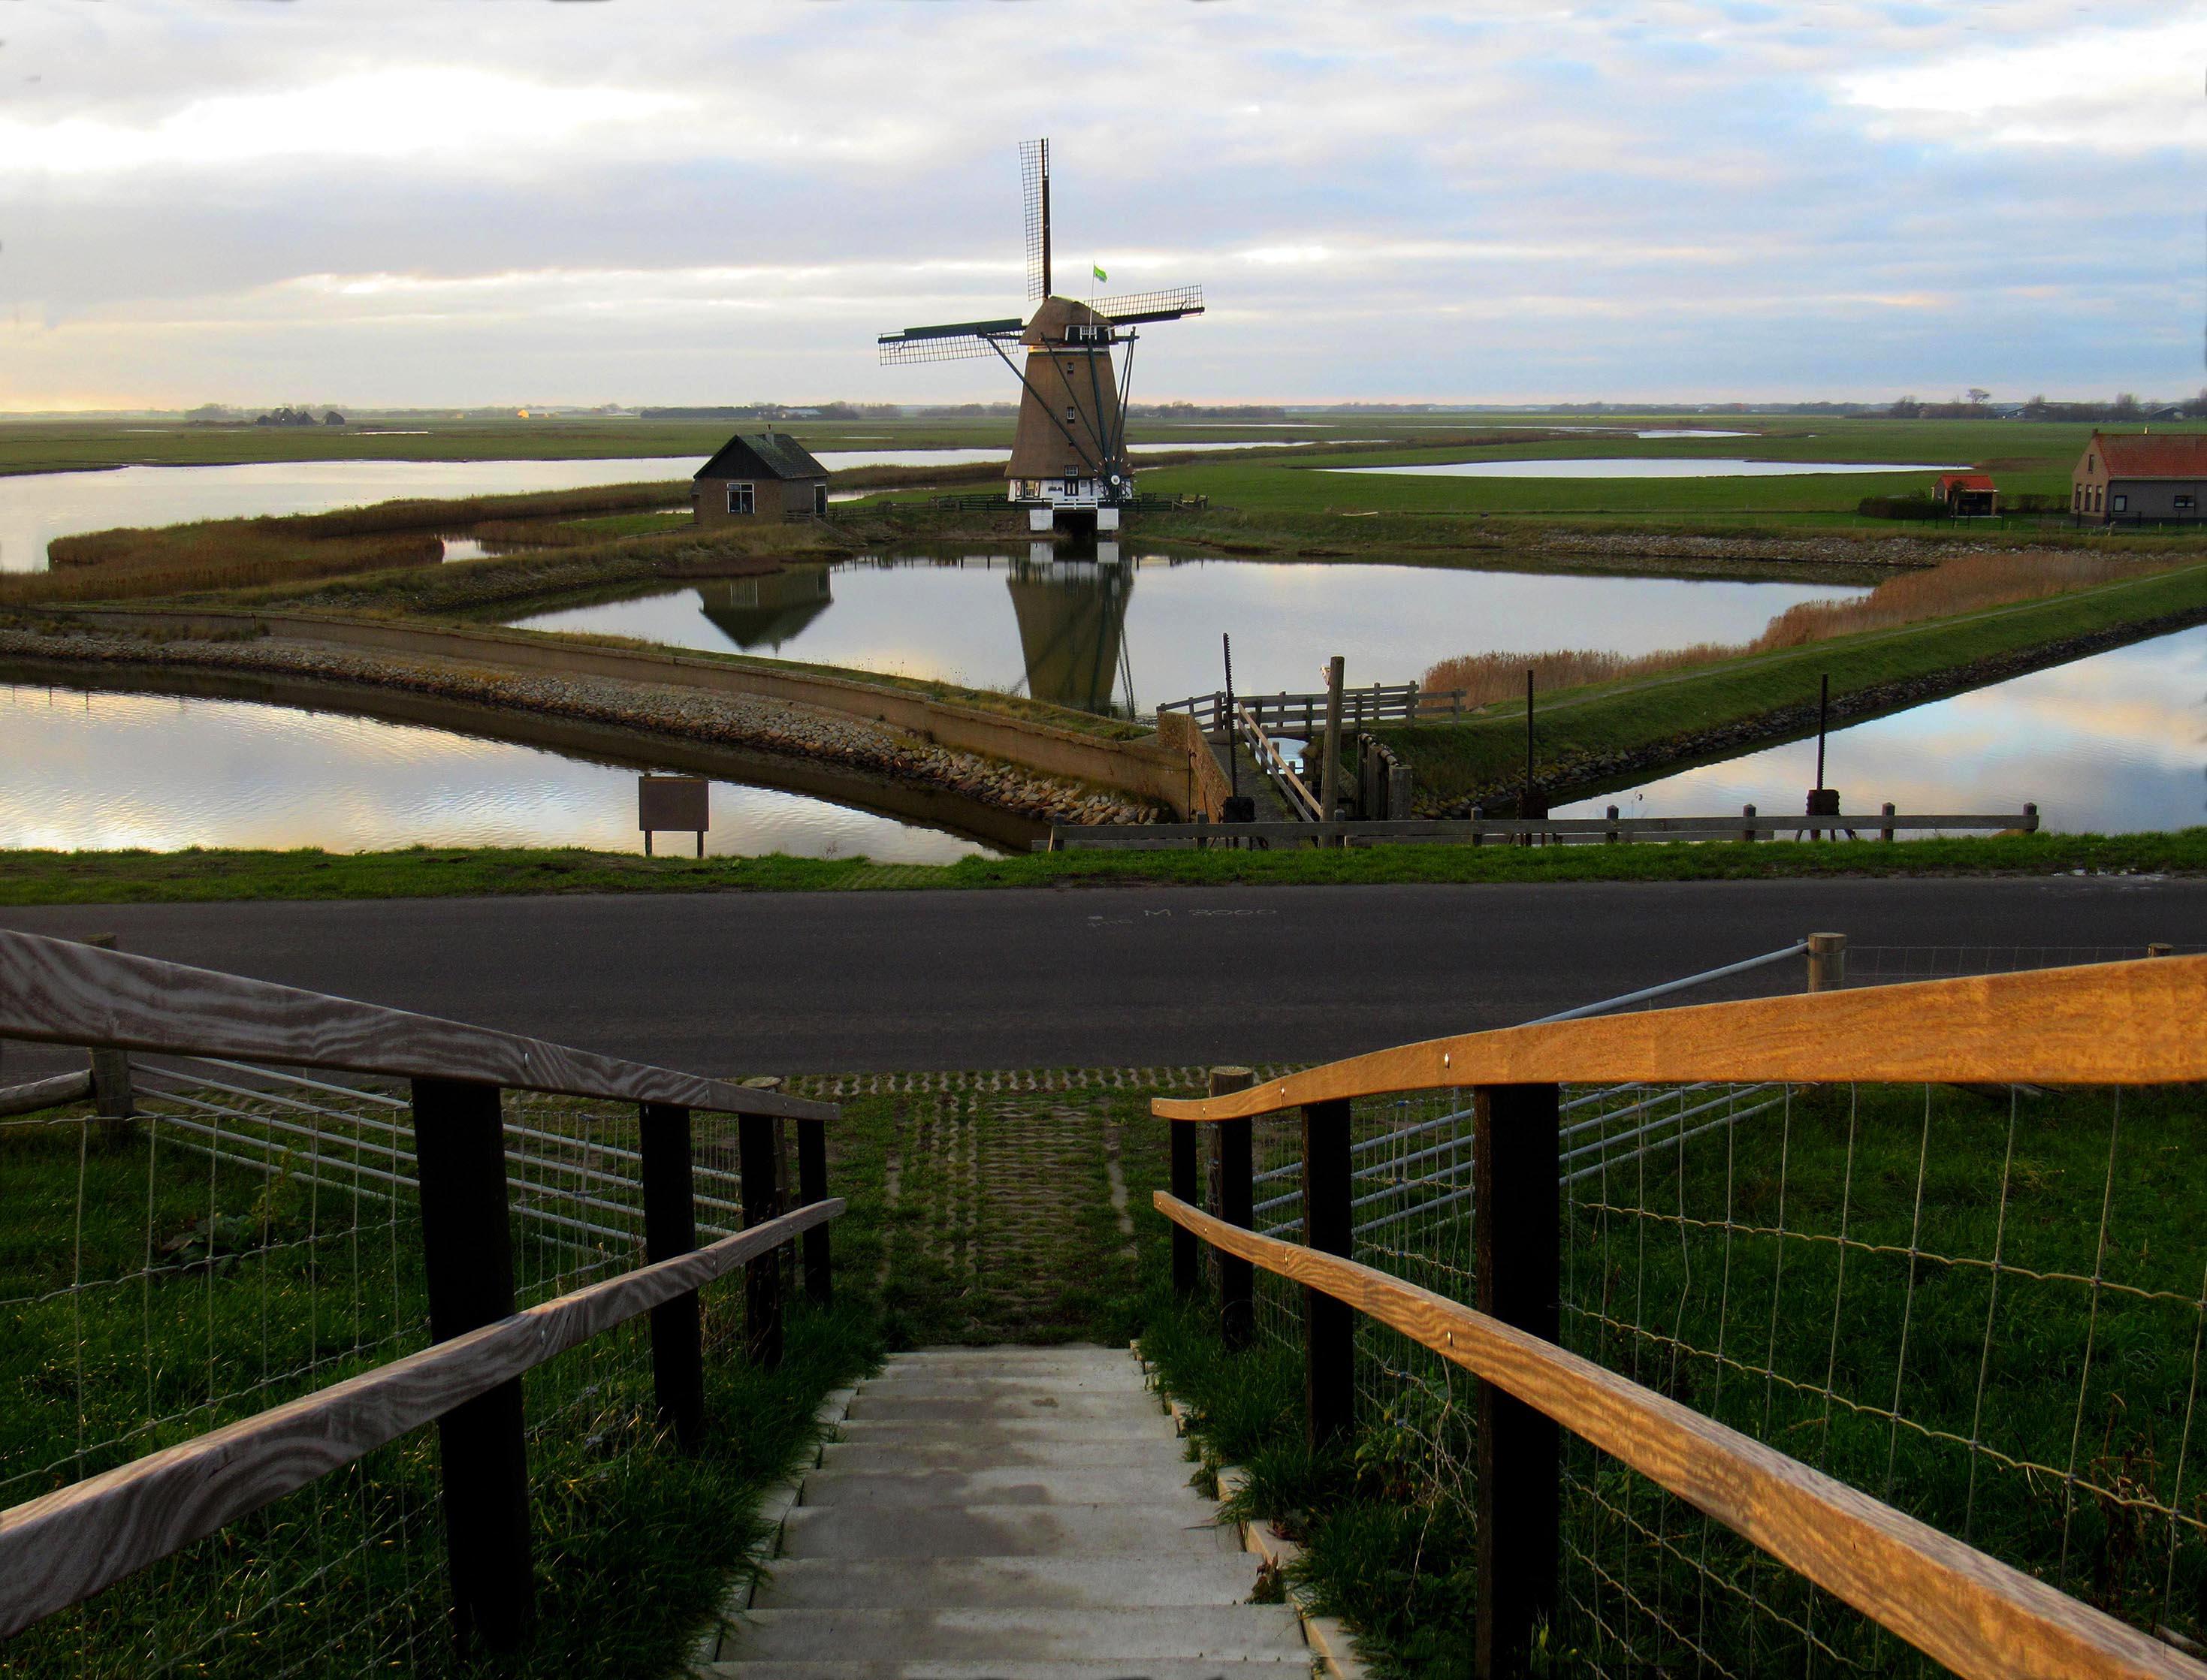 Prachtig lijnenspel vanaf de Lancasterdijk bij molen Het Noorden – Foto: ©Fransien Fraanje